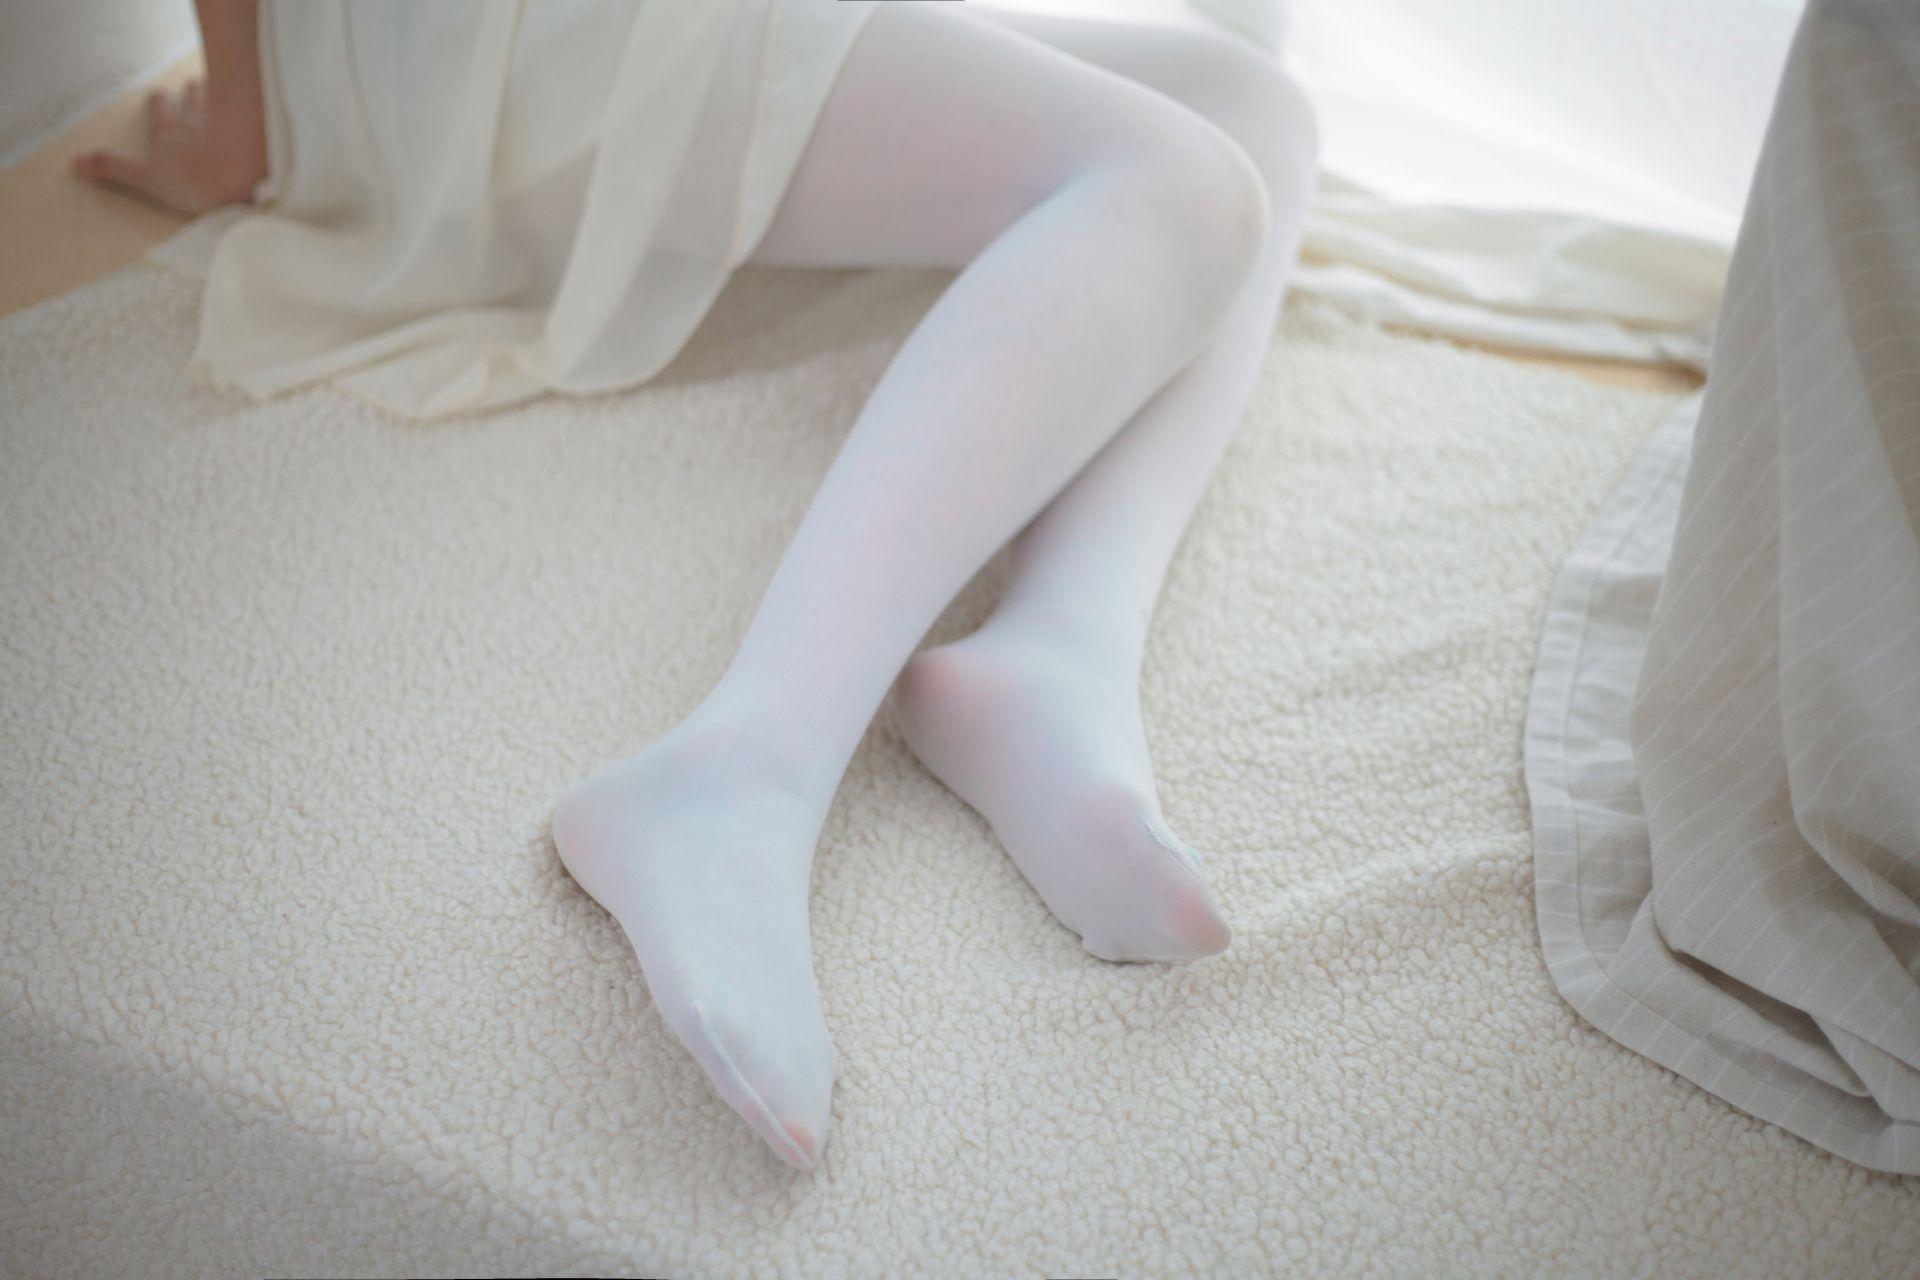 少女秩序 VOL.015 超薄丝袜的质感 兔玩映画 第46张